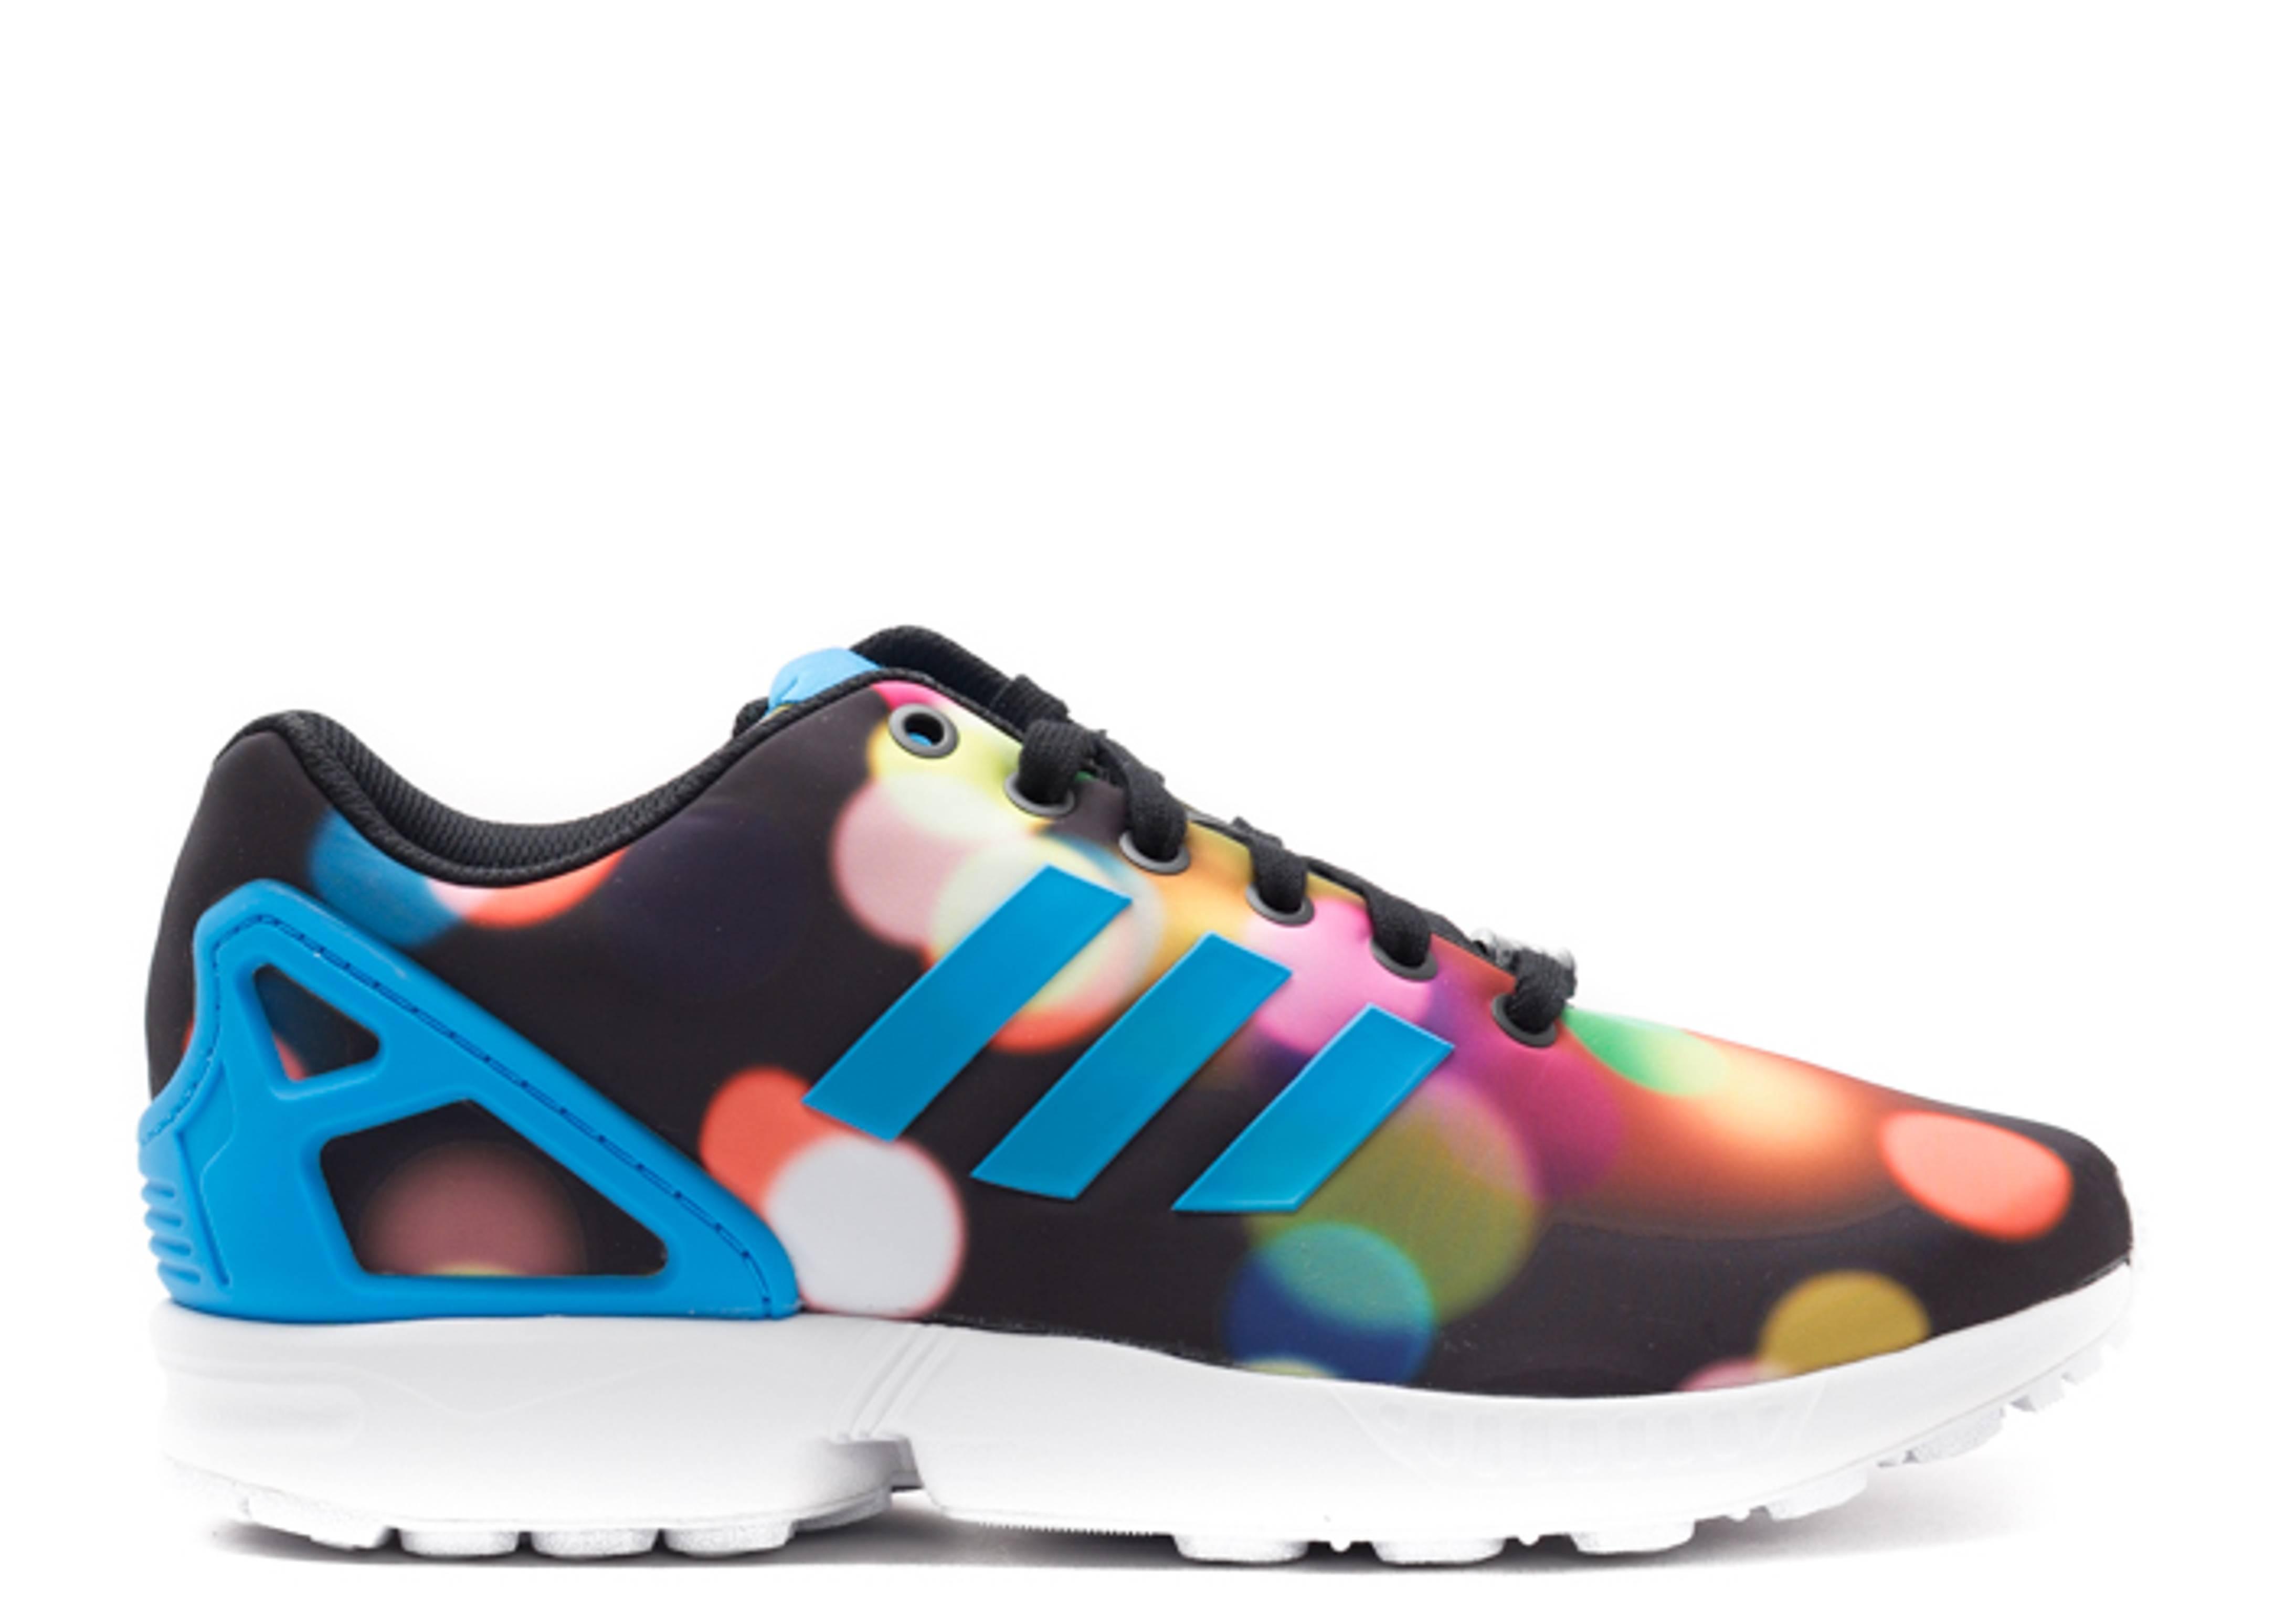 e71d659c283b5 sweden adidas zx flux xeno borealis 6230f d16e5  coupon adidas. zx flux  797d8 a5b64